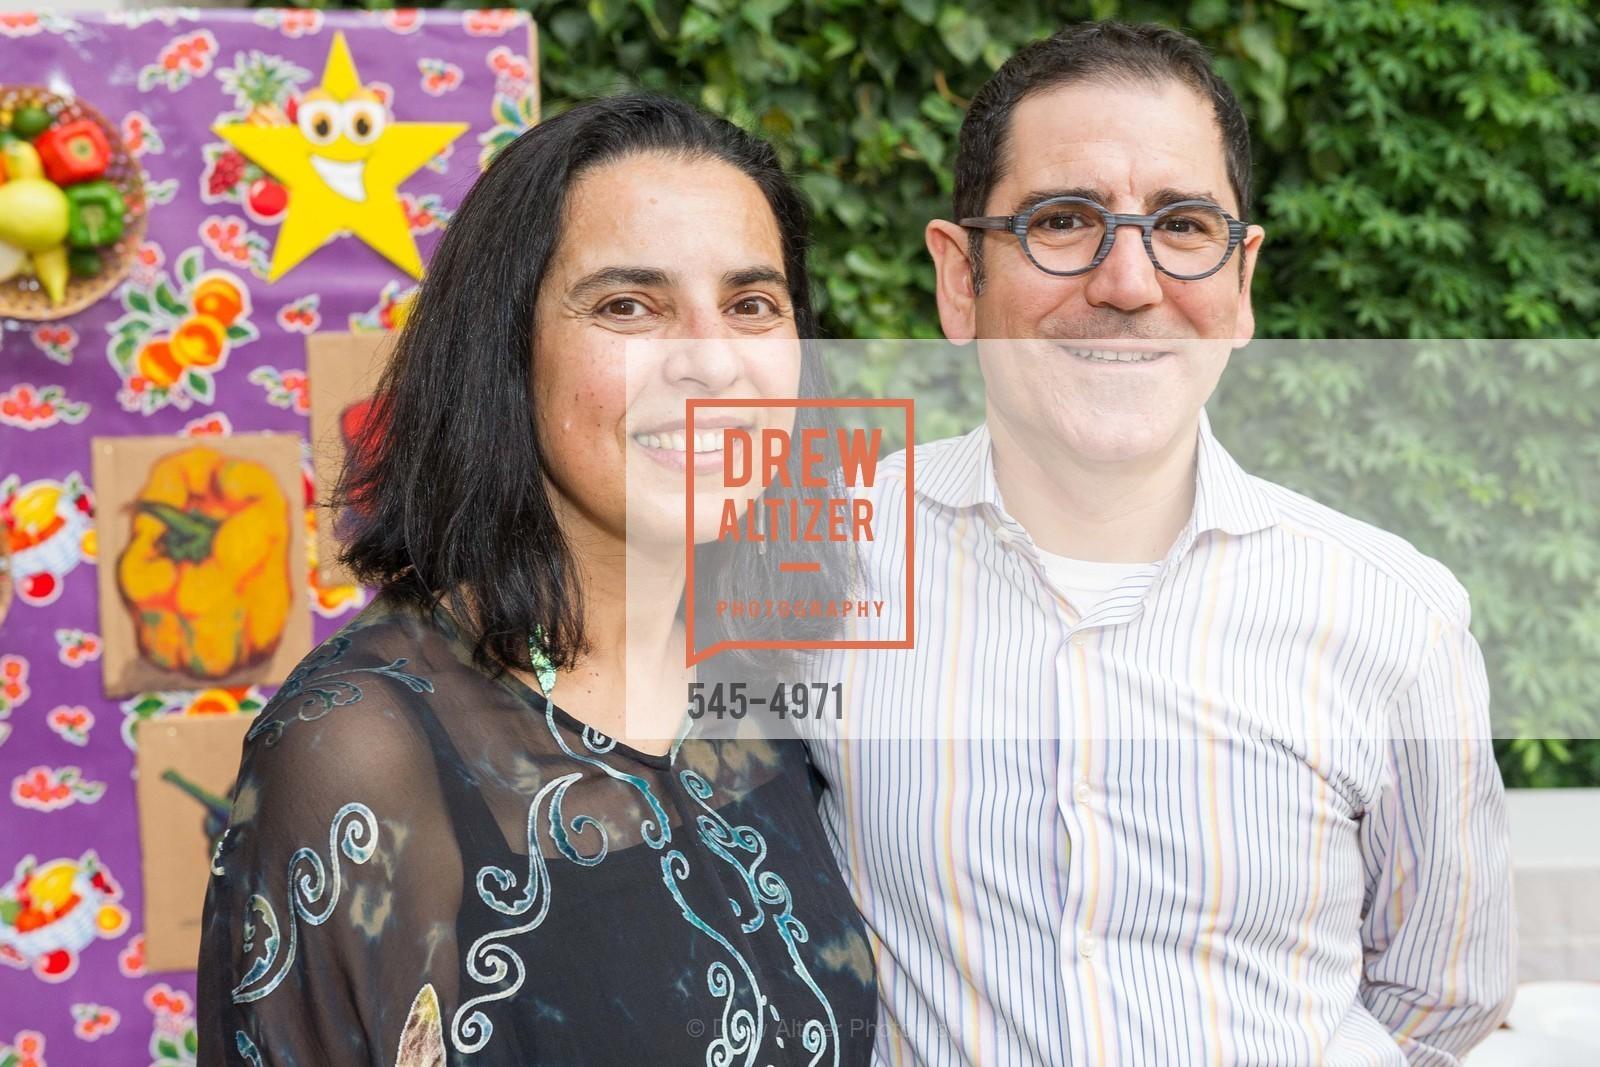 Lorella Degan, Massimiliano Conti, Photo #545-4971